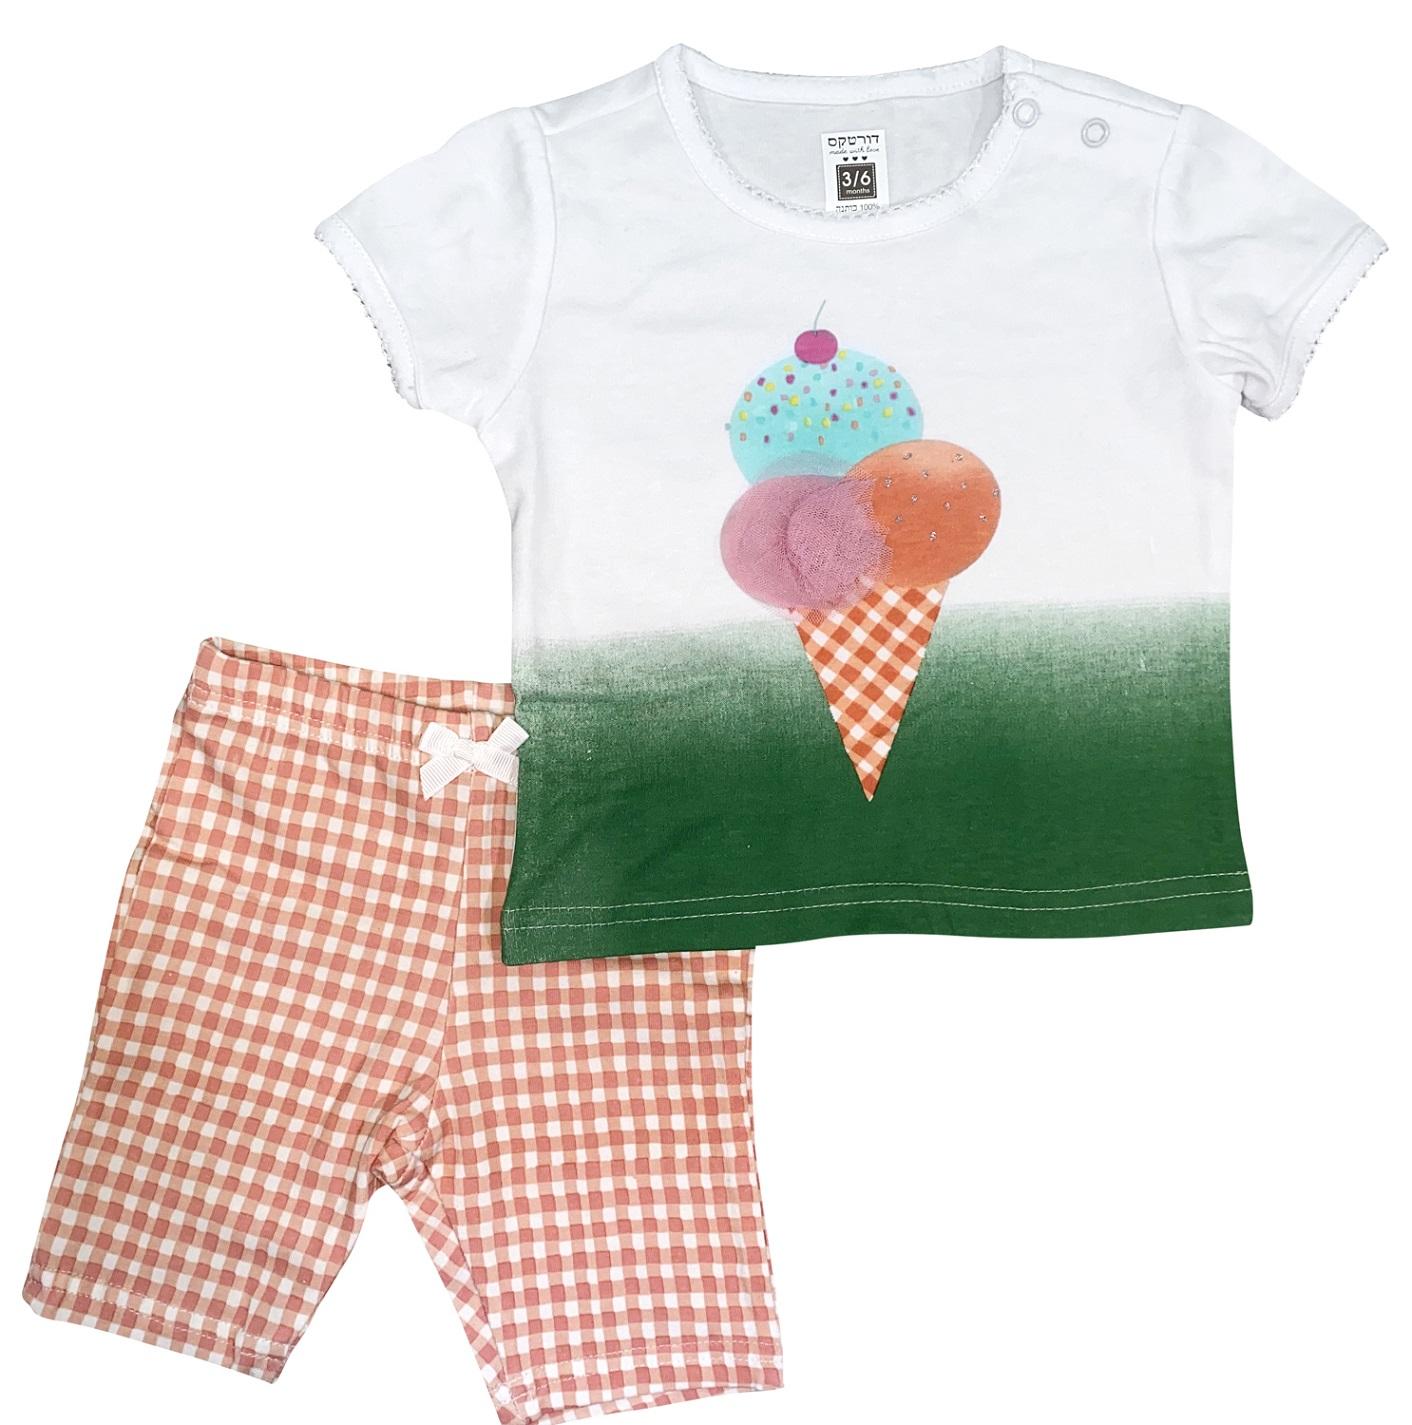 חליפה קצרה גלידה לבן-ירוק